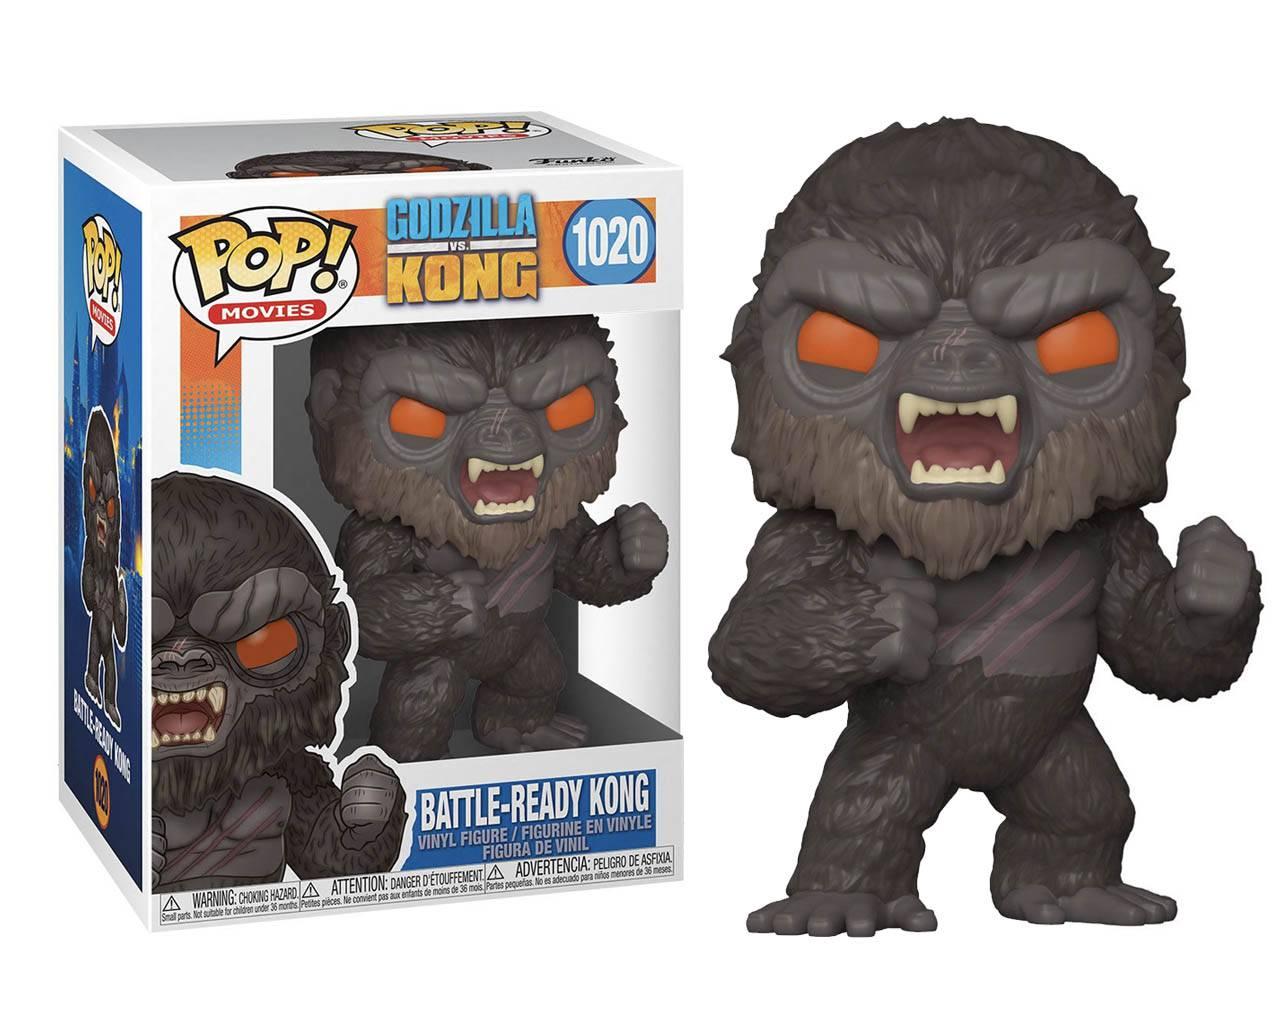 Kong (Battle-Ready) Pop! Vinyl